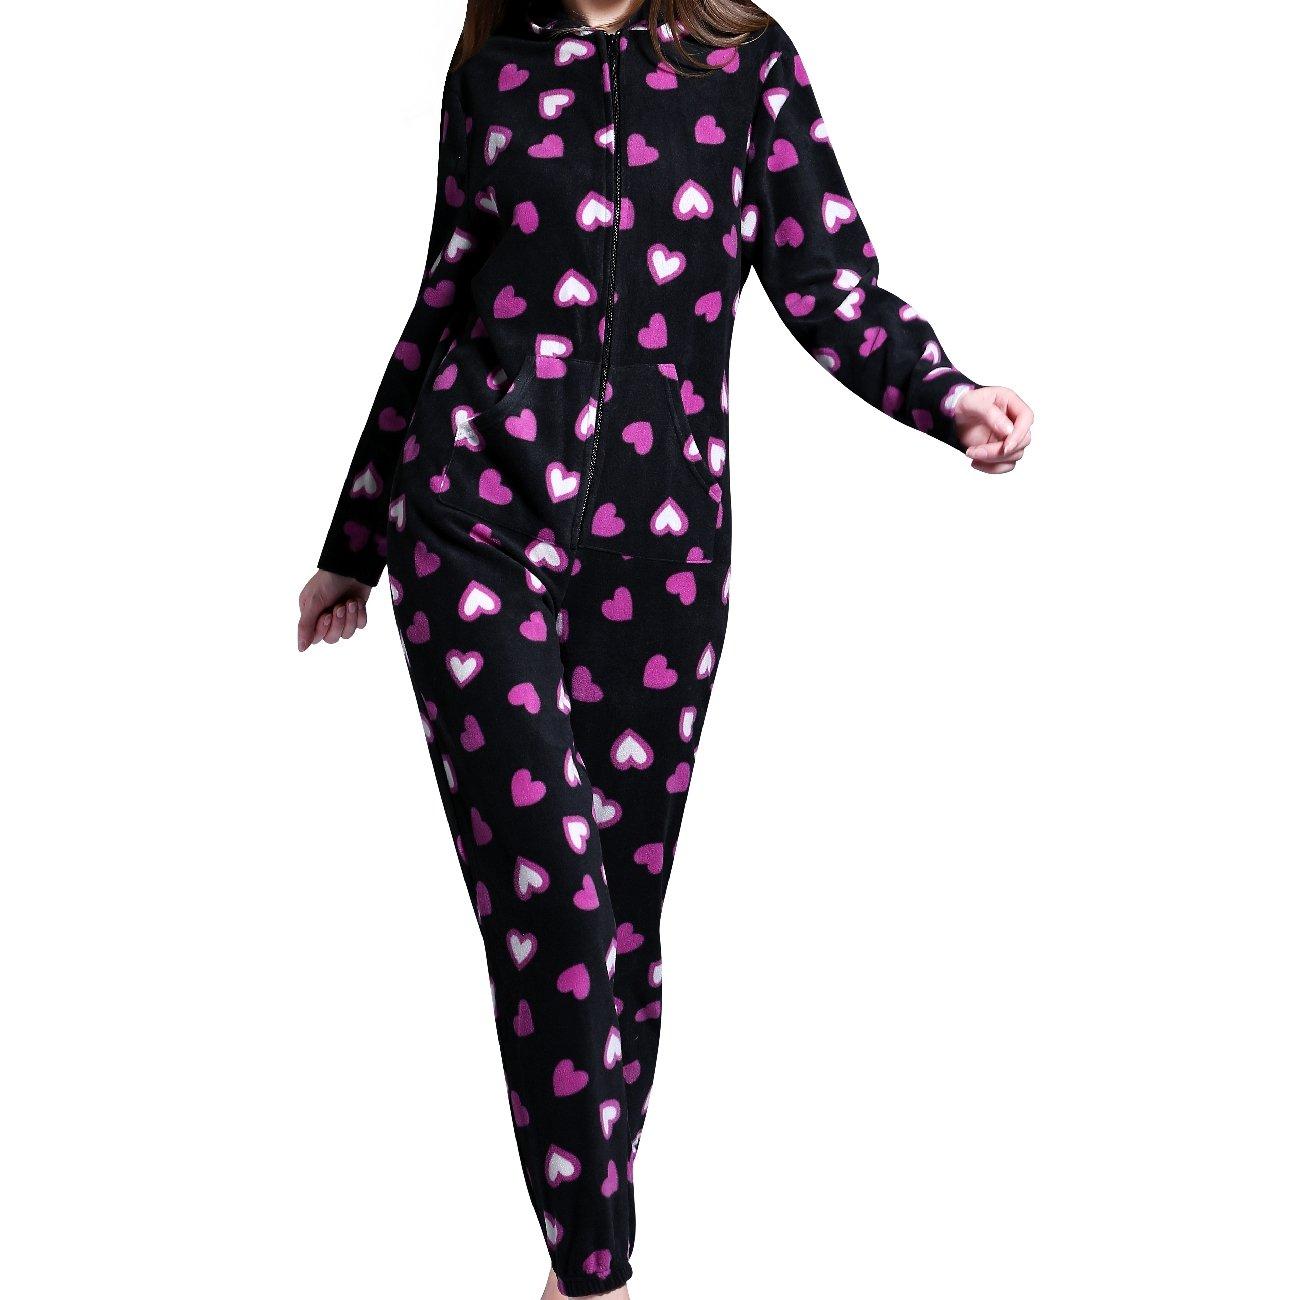 Airee Fairee Damas para mujer con capucha Onesie todo en pijama mono una ropa de dormir